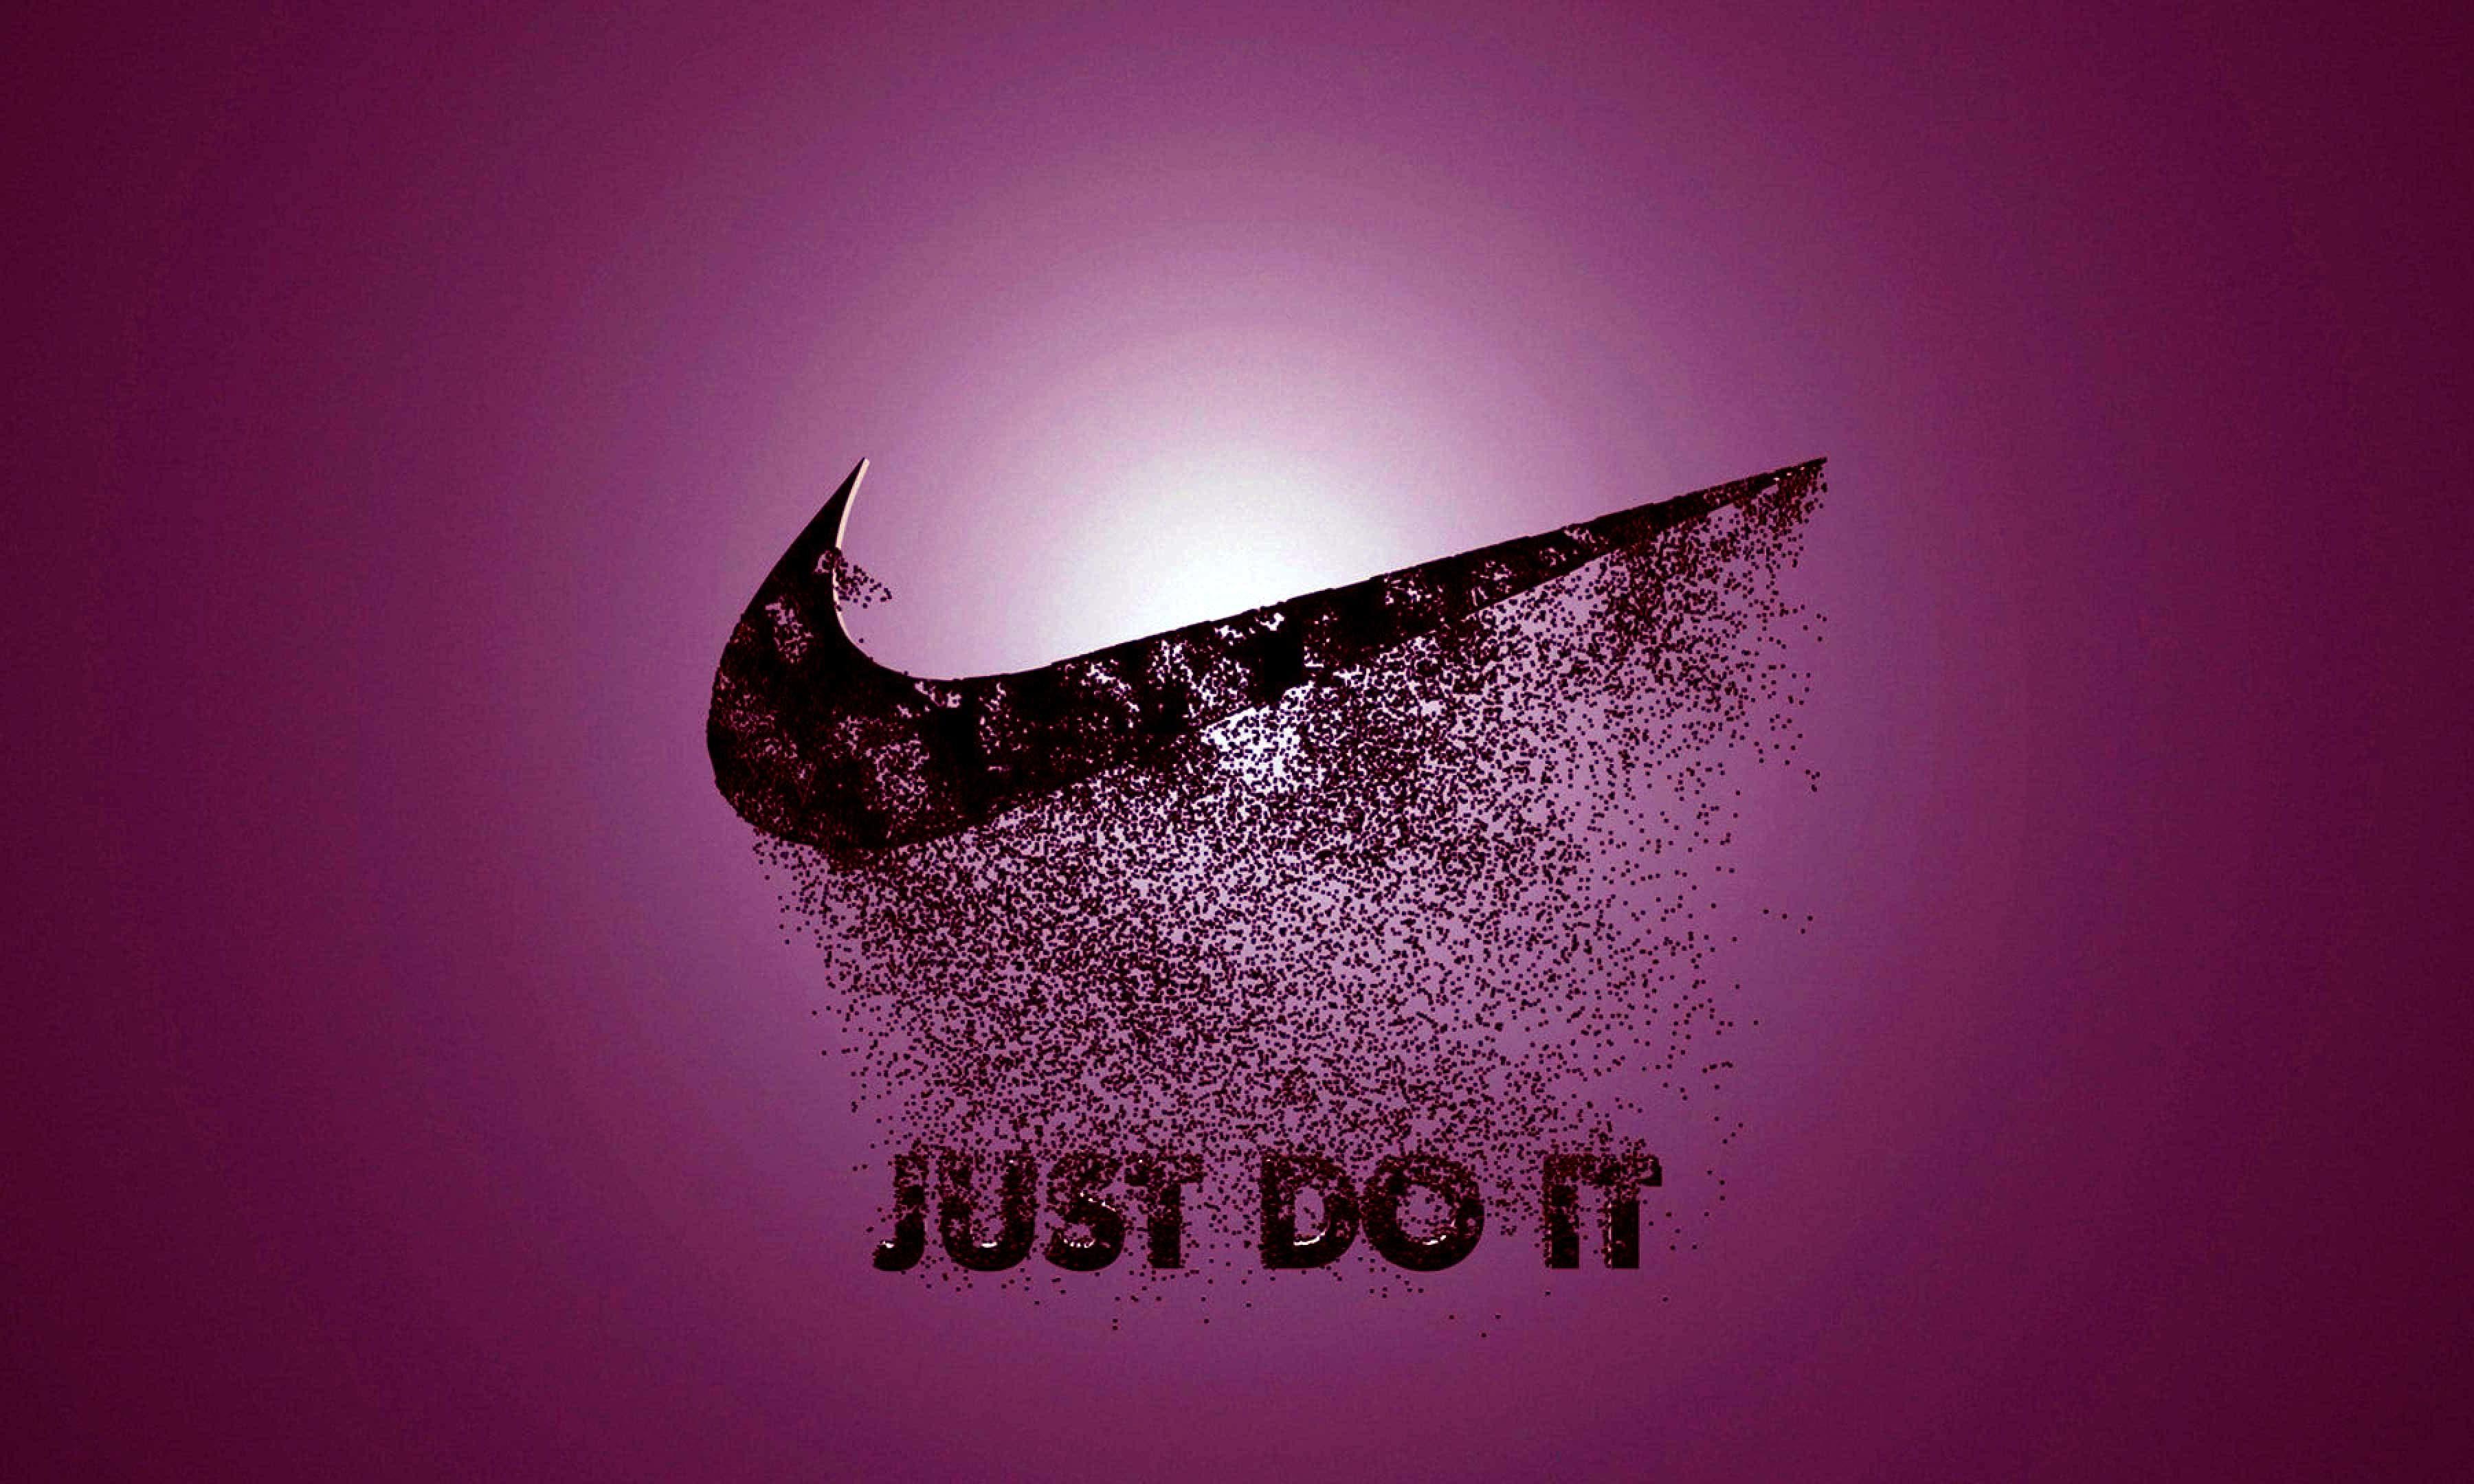 Fantastic Wallpaper Macbook Nike - 867865-nike-wallpaper-desktop-3600x2160-hd-1080p  You Should Have_801392.jpg